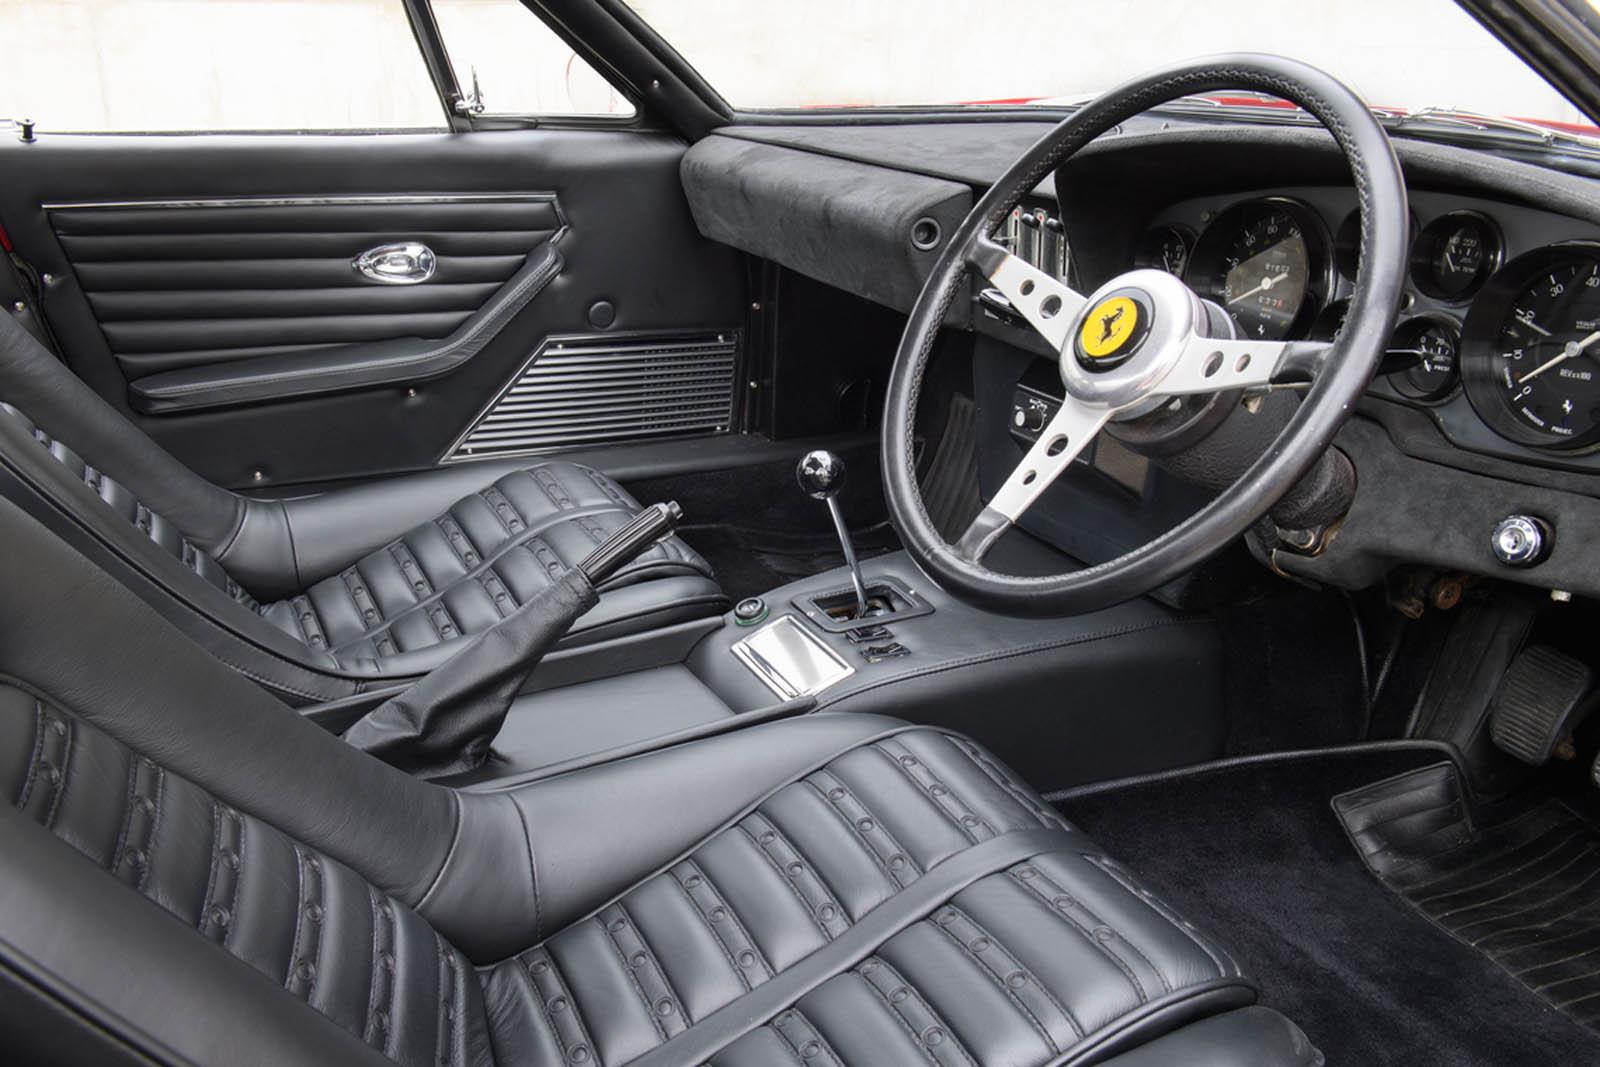 Ferrari-365-GTB4-Daytona-ex-Elton-John-11